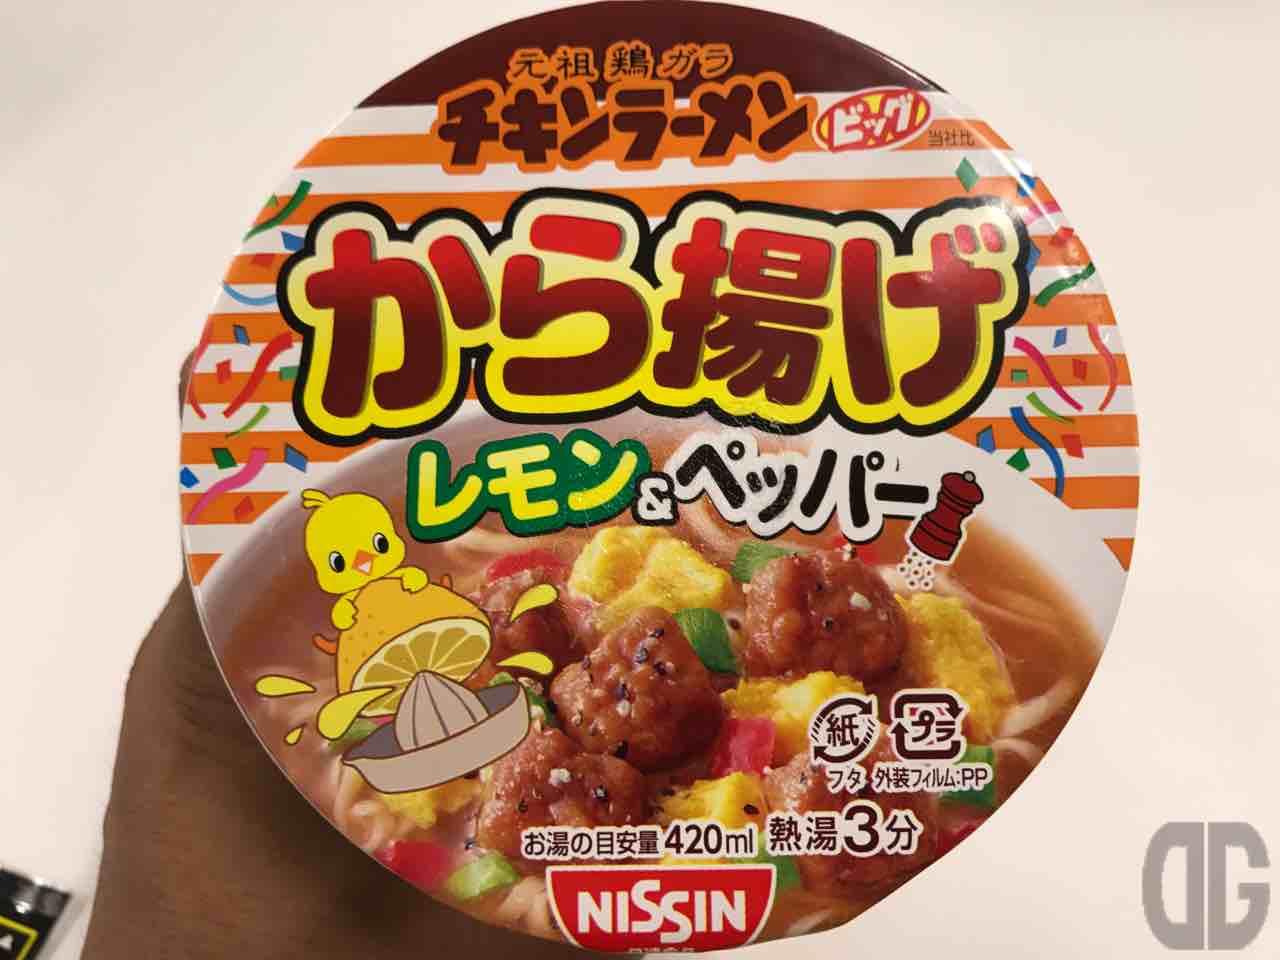 チキンラーメンビッグカップから揚げレモン&ペッパー(日清)のから揚げはホンモノ!進化し続けるインスタント&カップラーメンに日本の真髄を見た